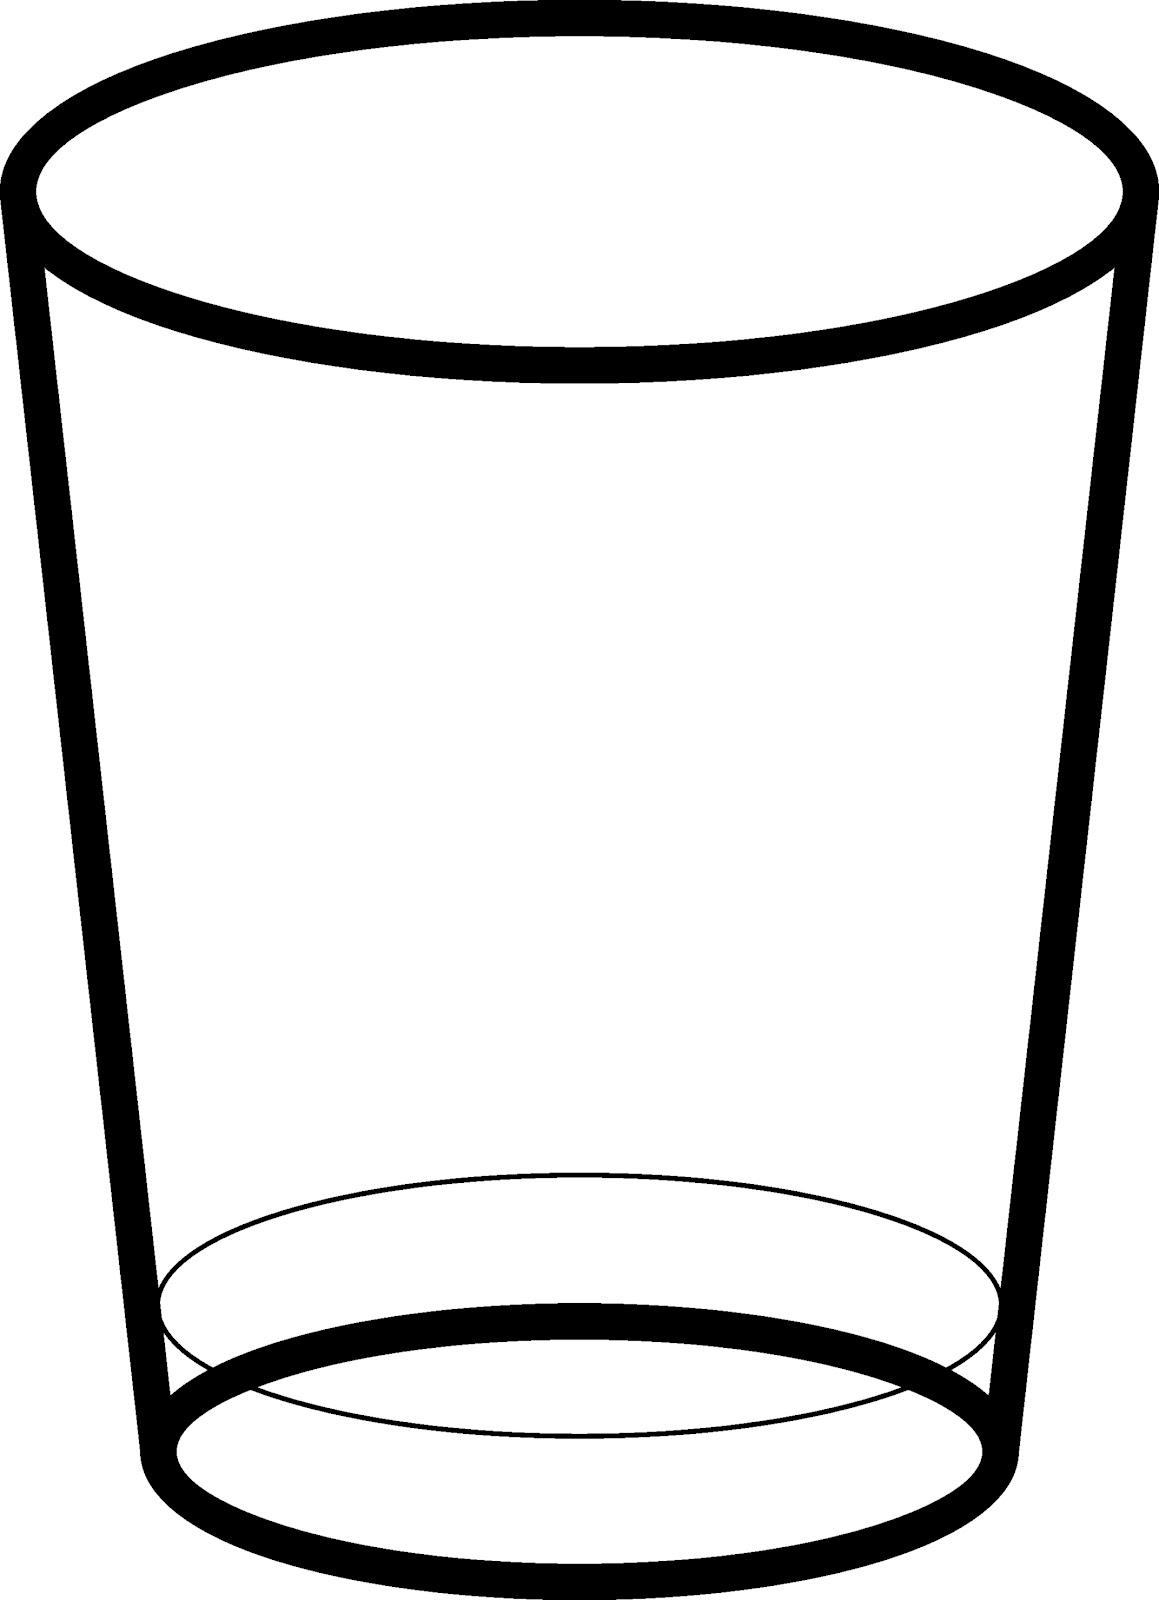 How to draw vaso de agua - Vaso con agua ...